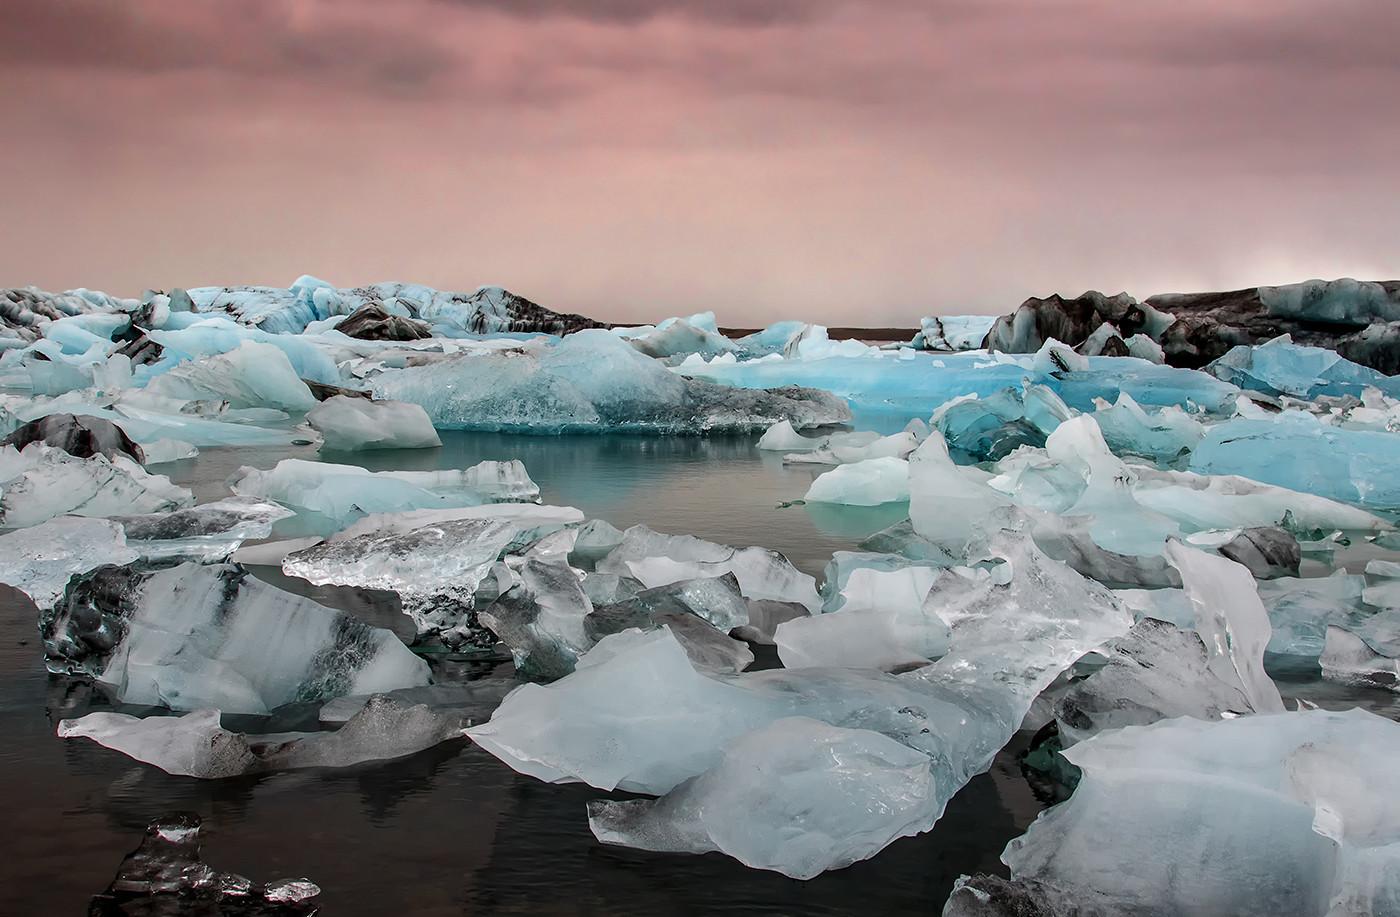 18 ICEBERGS ON JOKULSARLON LAGOON by Glenn Welch